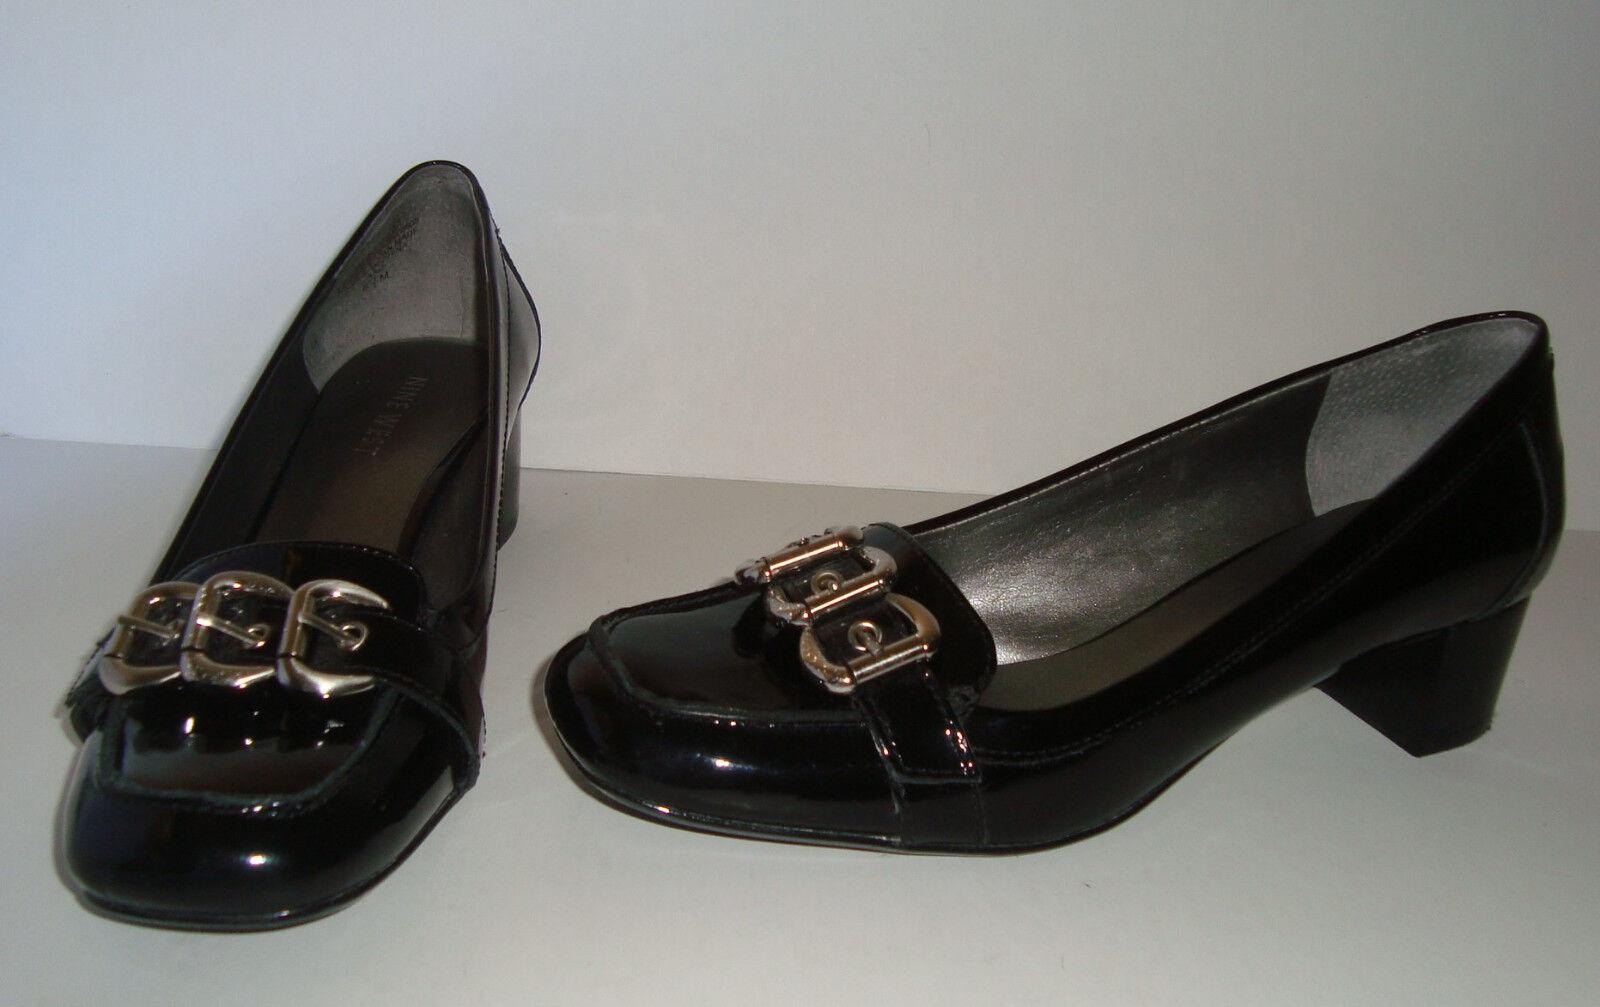 Adorable Nine West ShapeUp Black Patent Medium Heel Pumps  size 6.5 M shoes